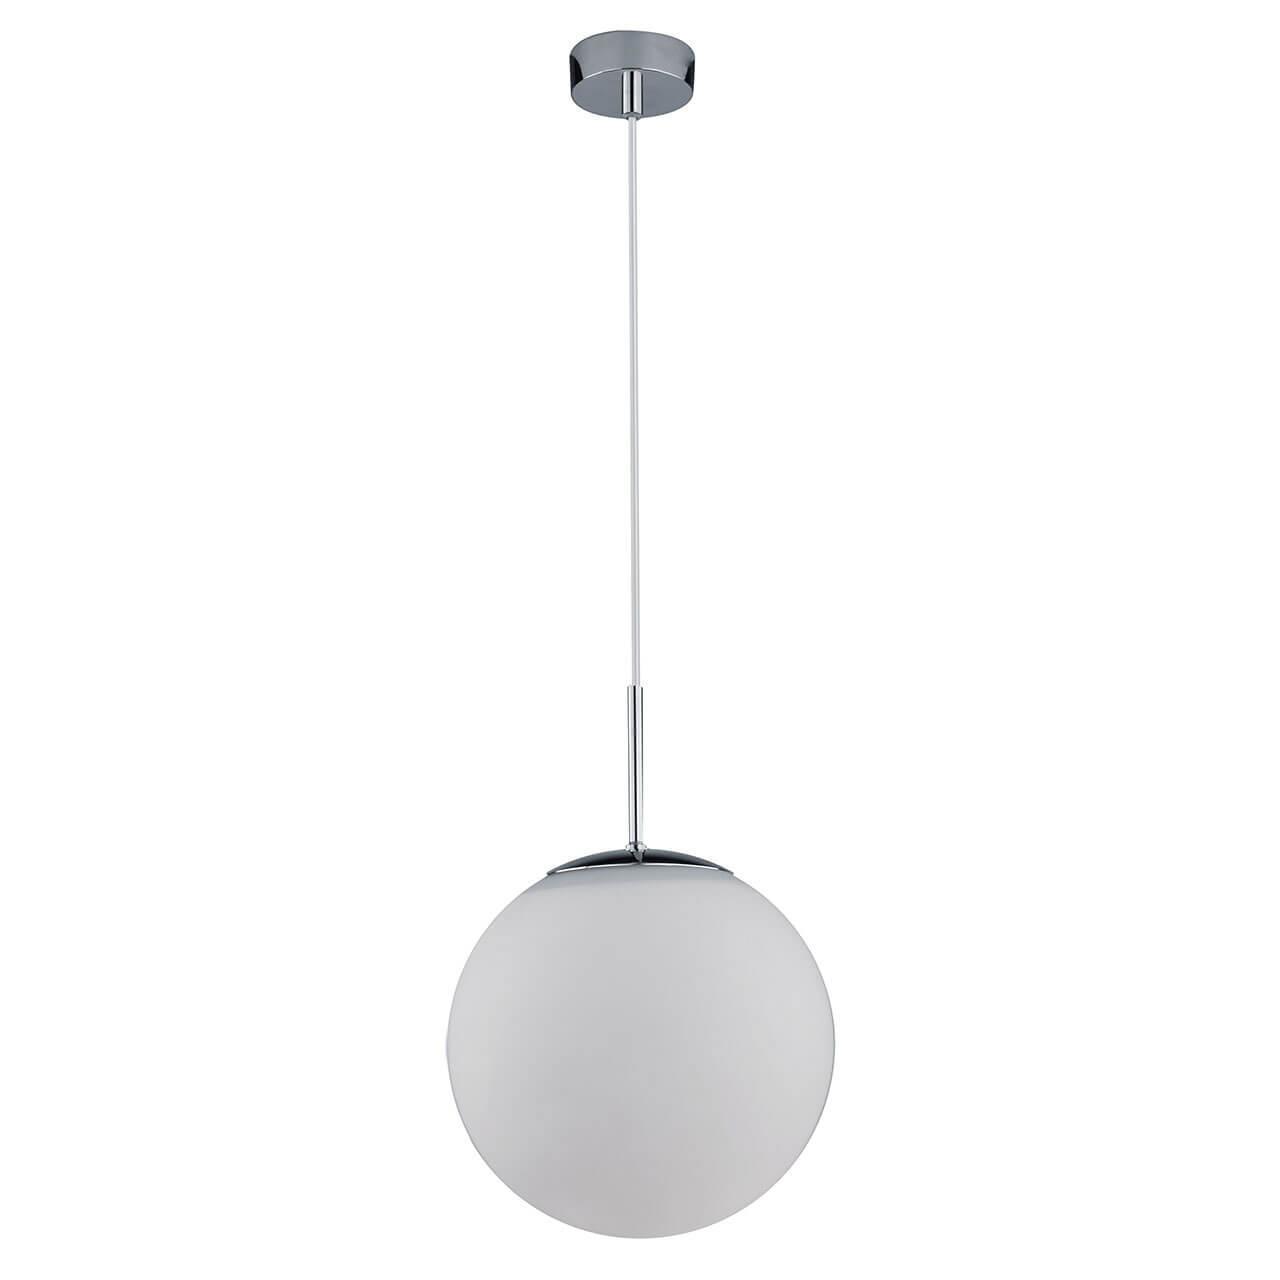 Подвесной светильник Arte Lamp A1561SP-1CC, E27, 60 Вт